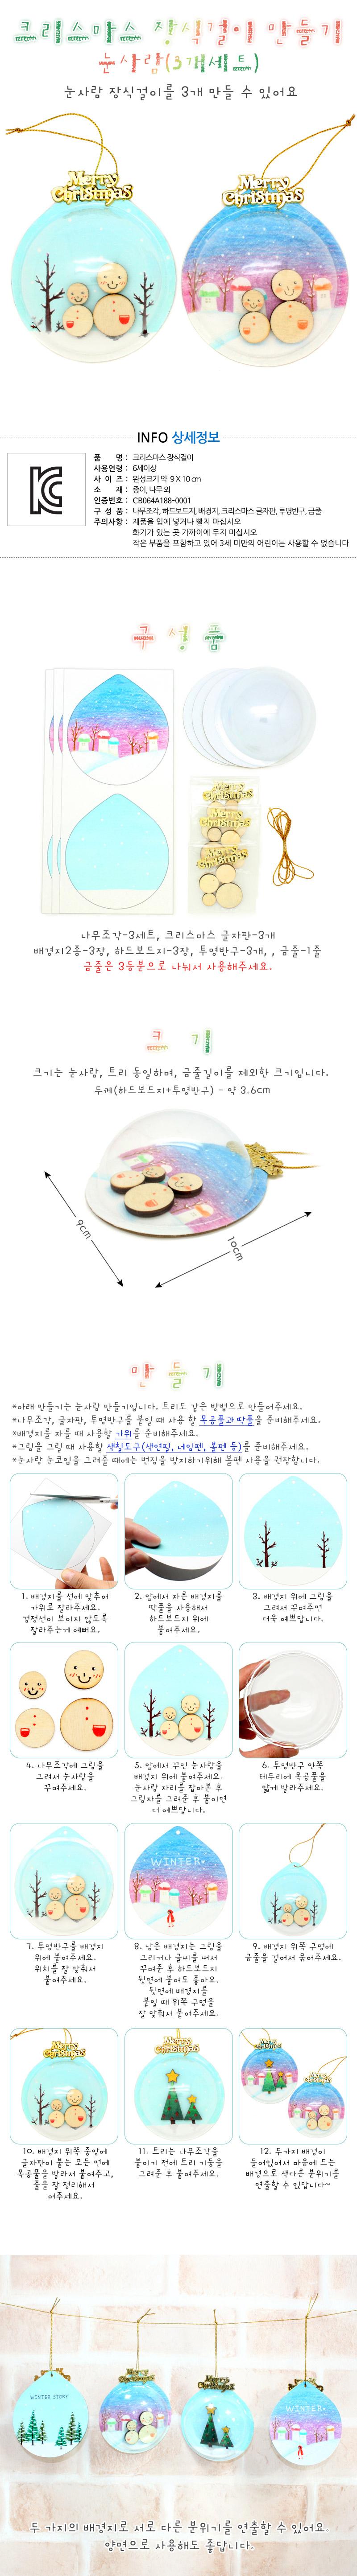 크리스마스 장식걸이(3인세트)-눈사람 - 에코키즈, 9,000원, 우드공예, 우드공예 패키지